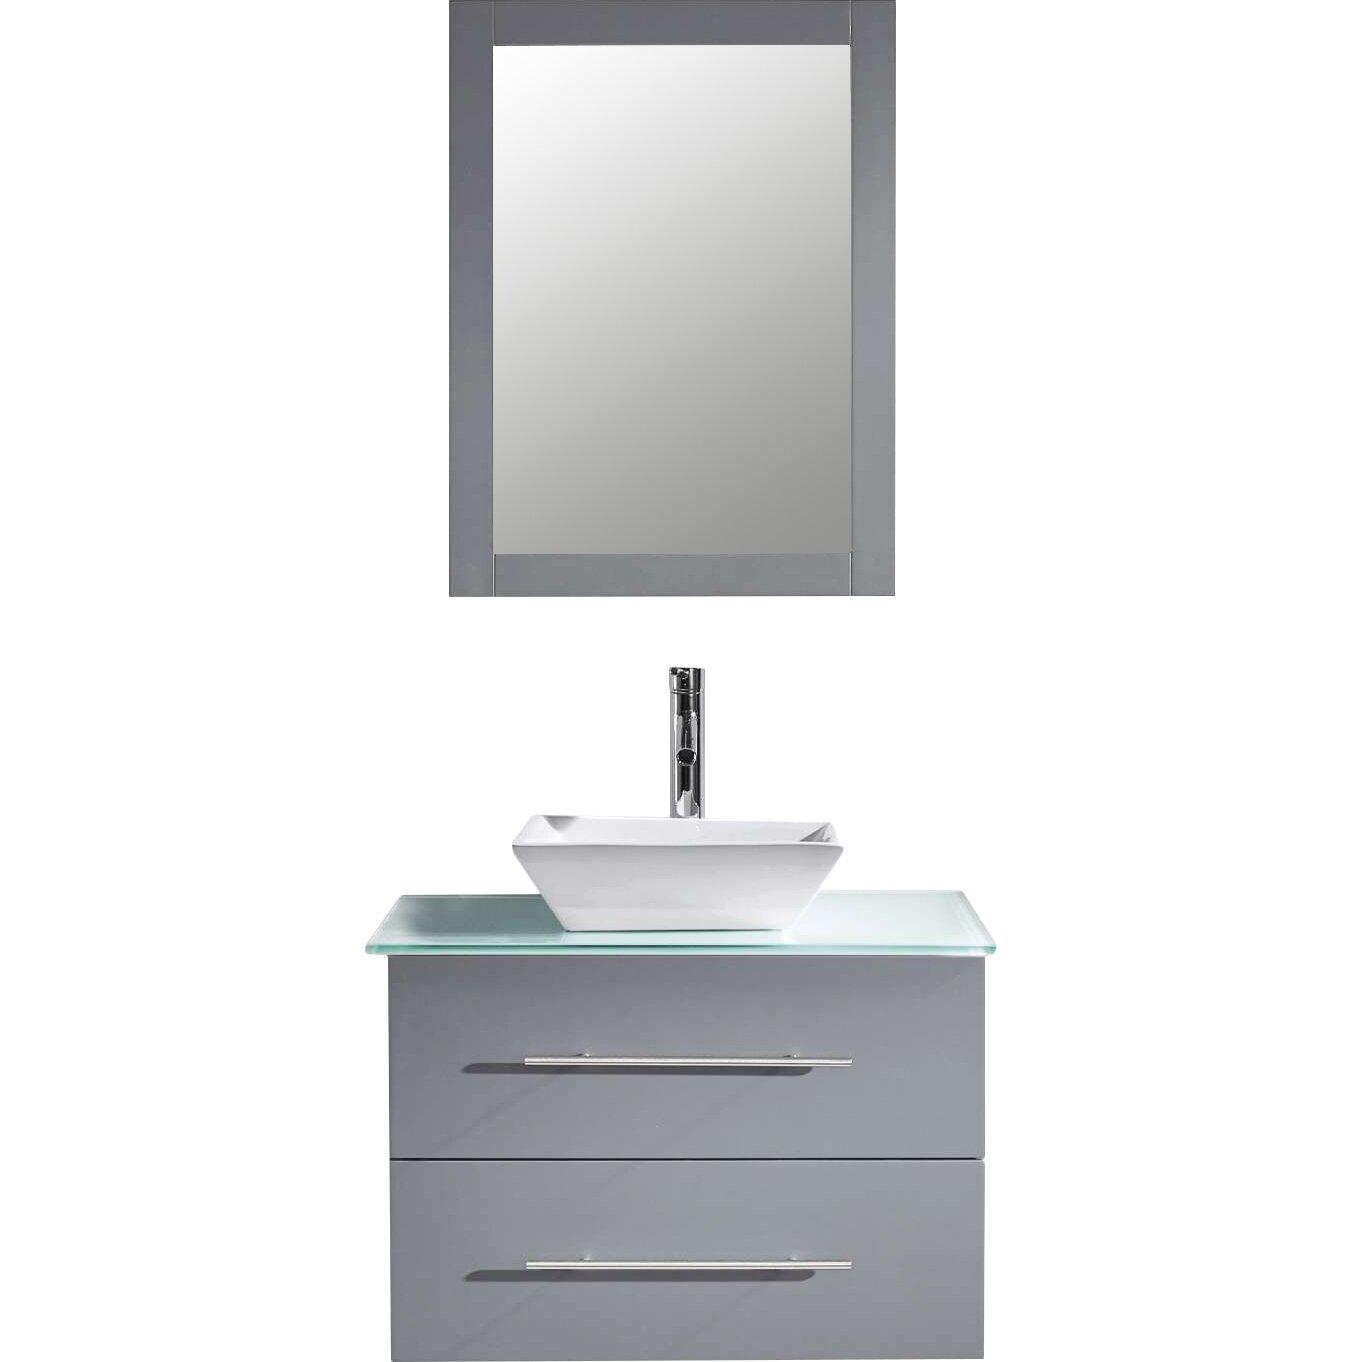 Virtu Marsala 30 Single Bathroom Vanity Set With Tempered